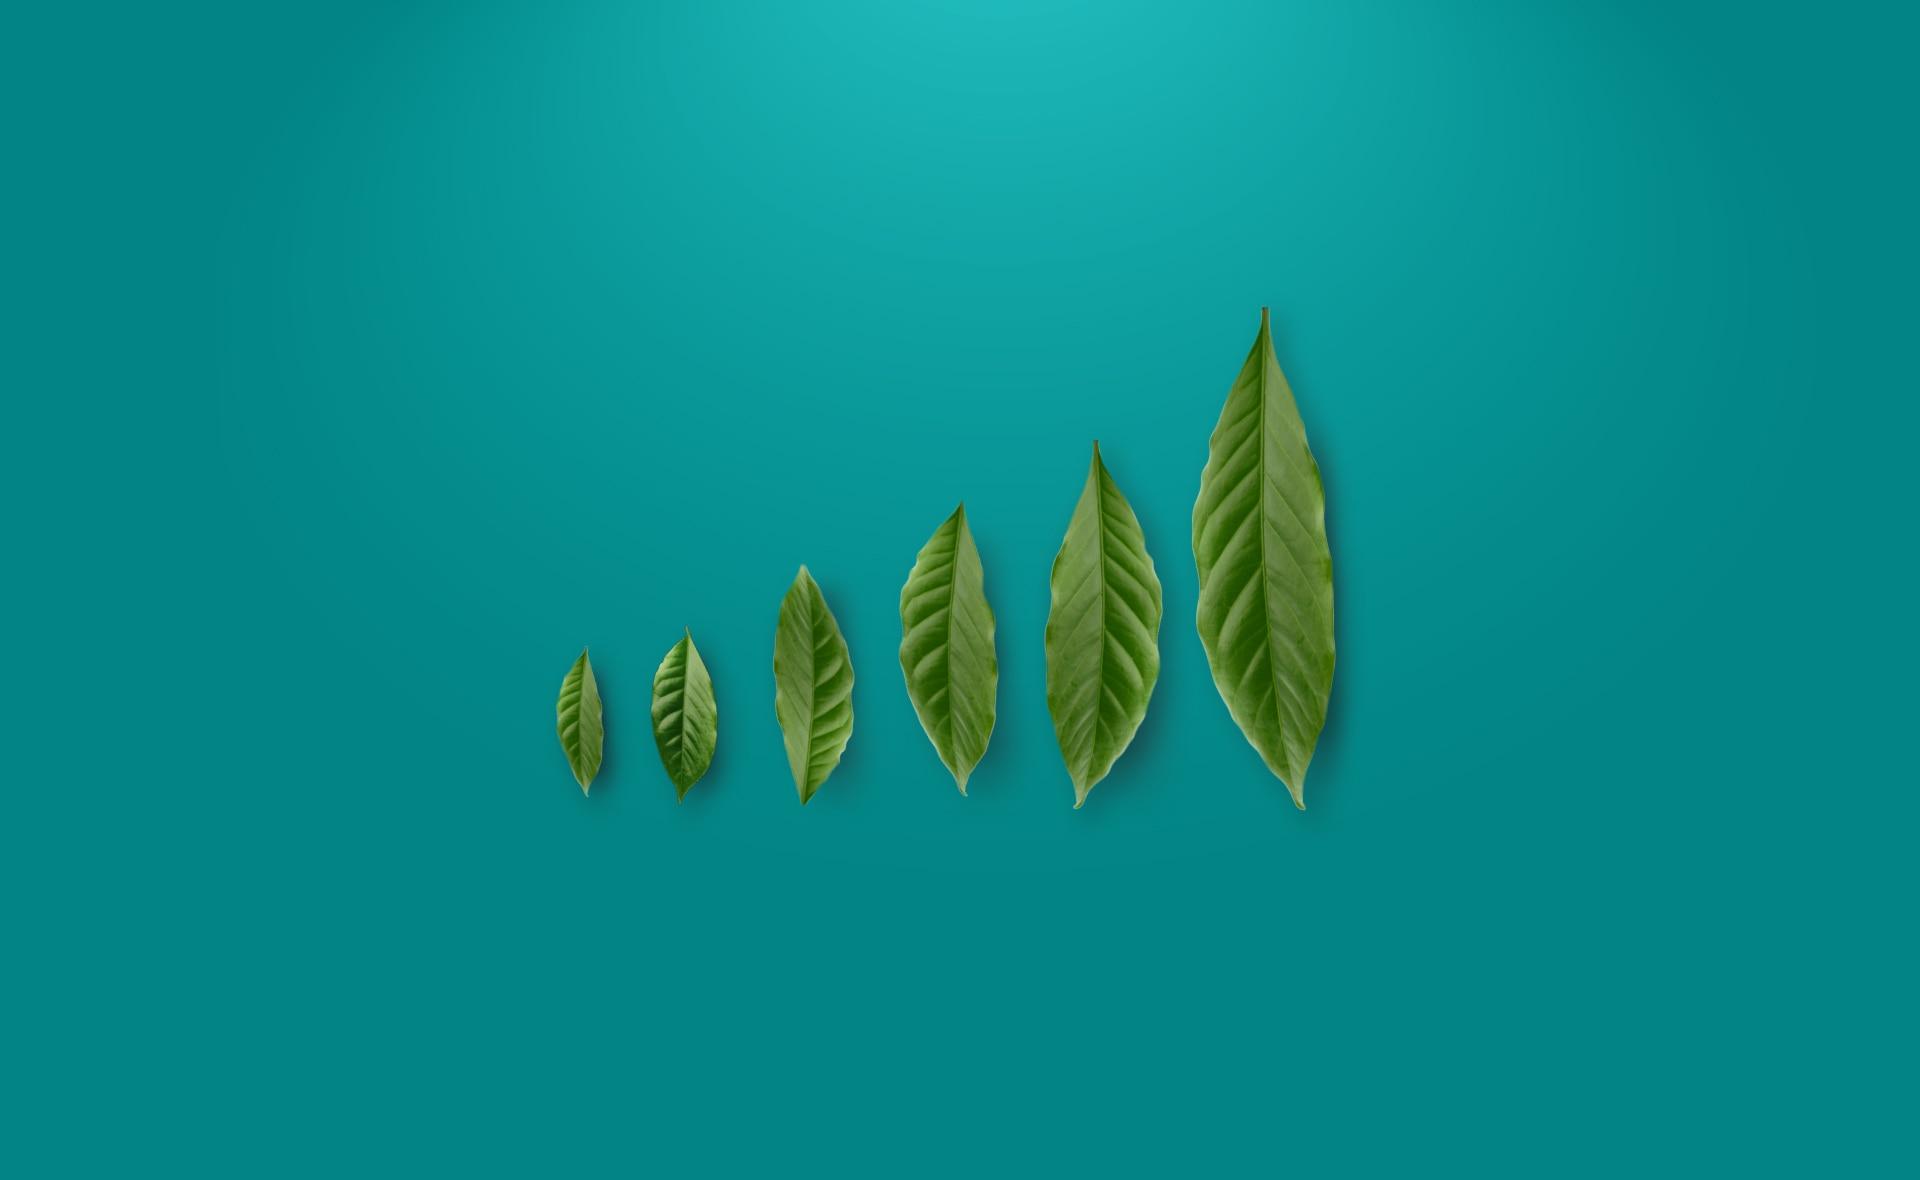 fondo-índice-sostenible- naturaleza-plantas-medioambiente-bbva